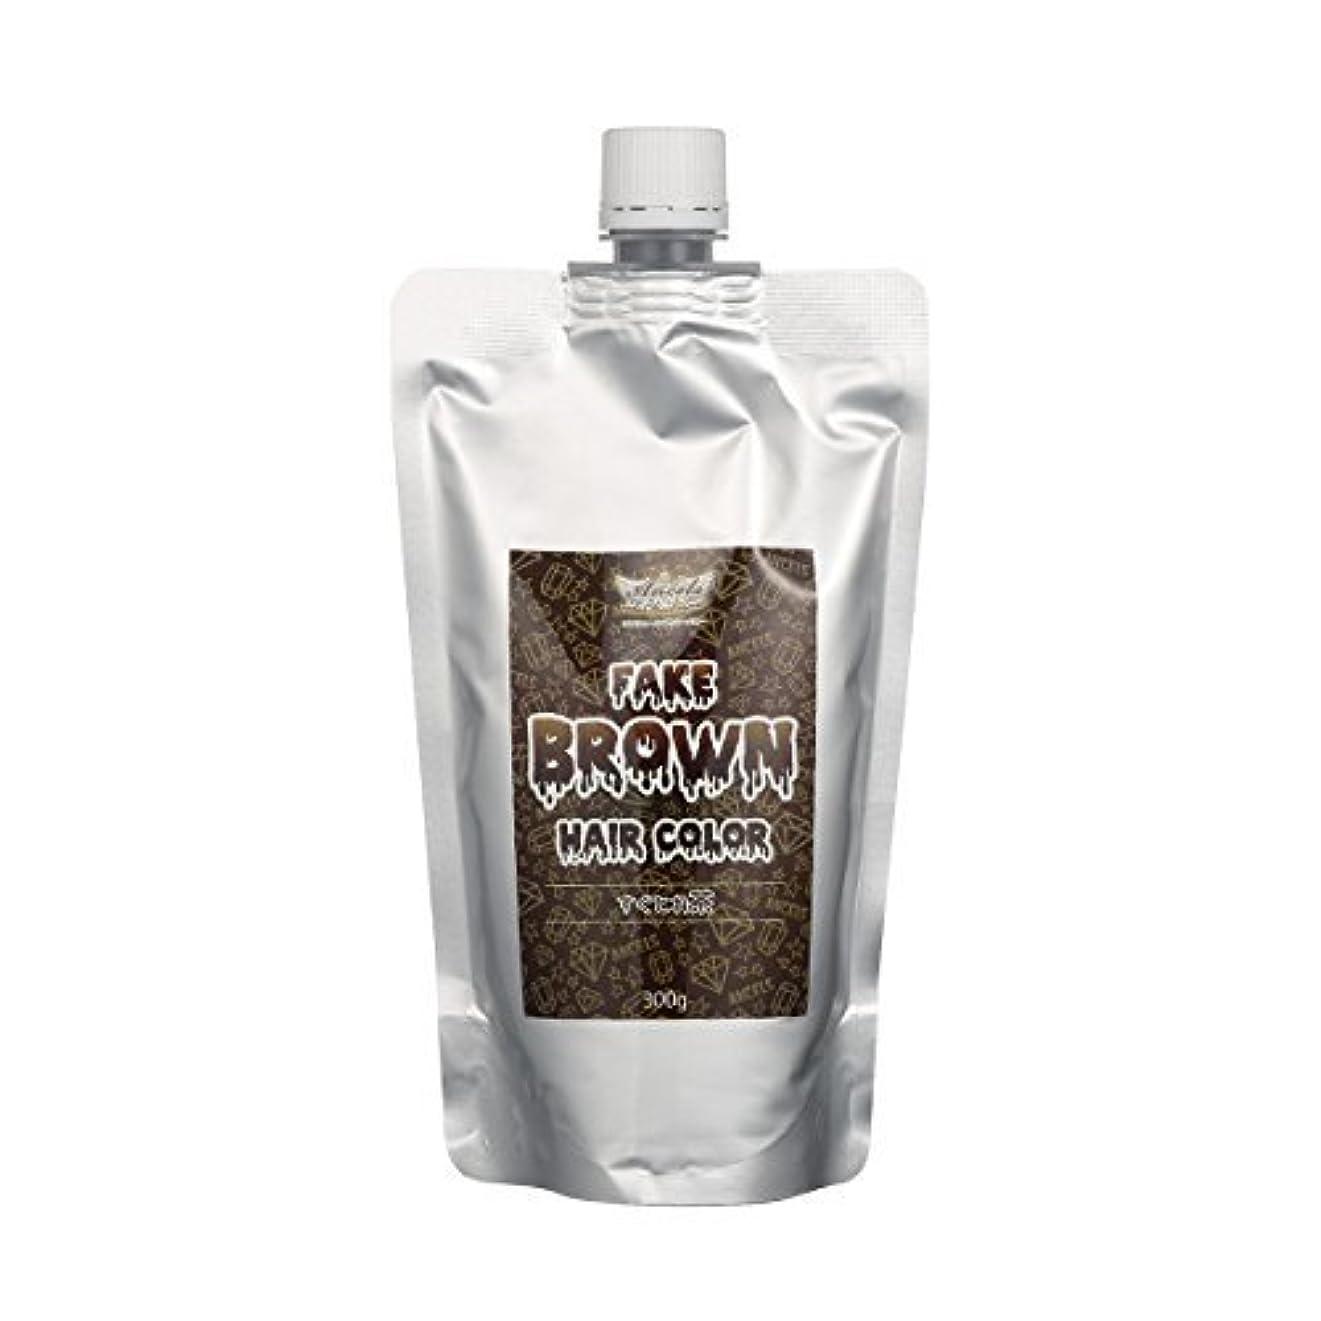 トロピカルマウントハリウッドエンシェールズ カラーバター すぐとれ 茶 300g